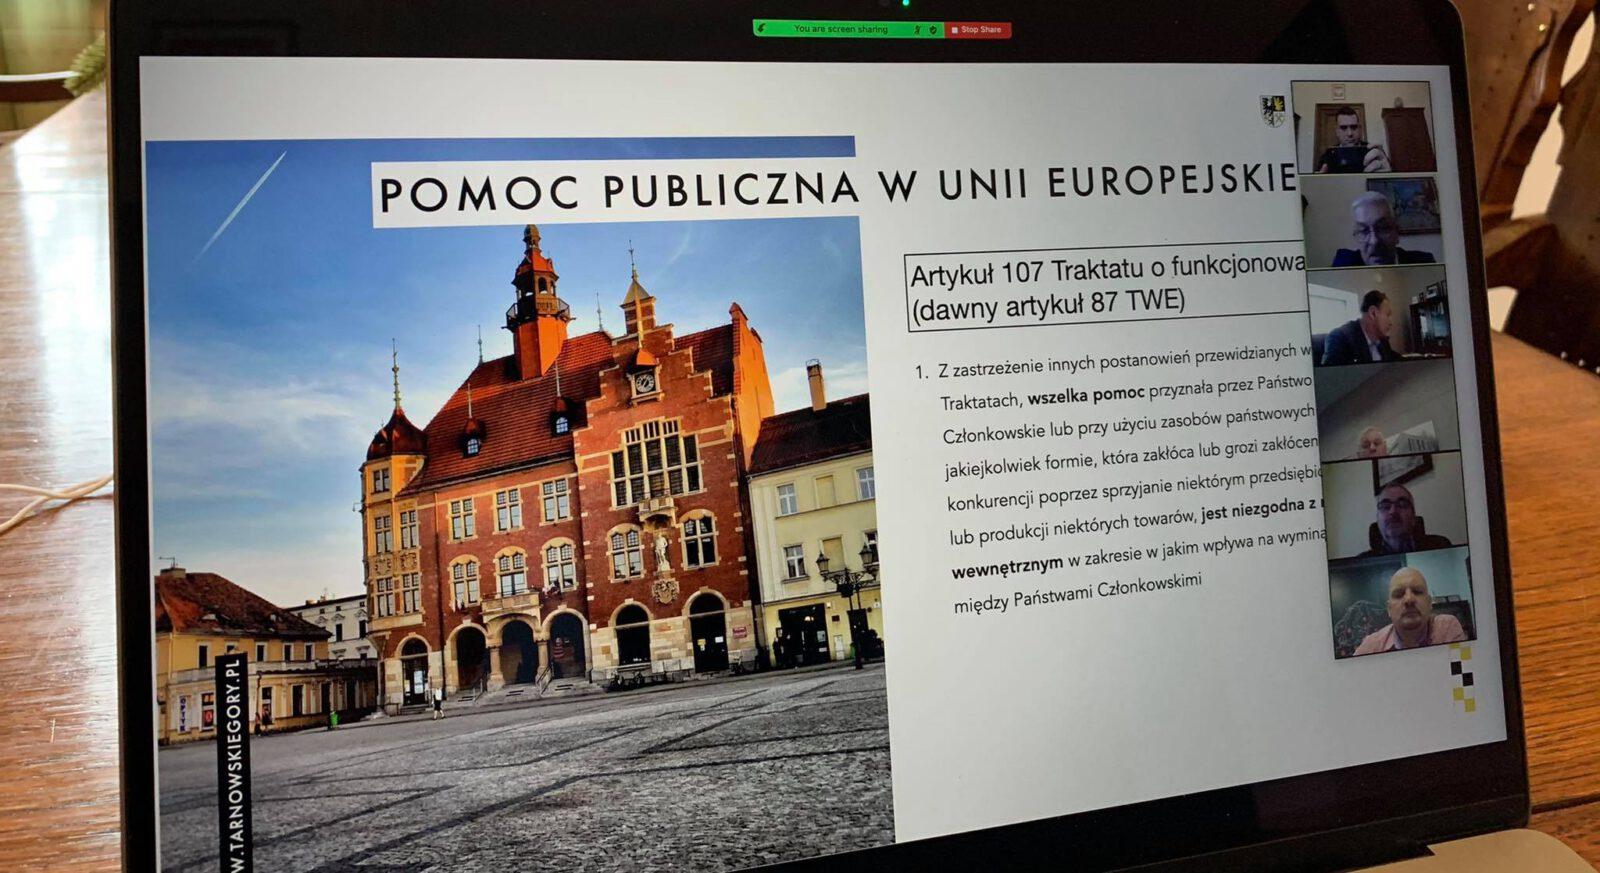 Pomoc publiczna w Unii Europejskiej Artykuł 107 - infografika